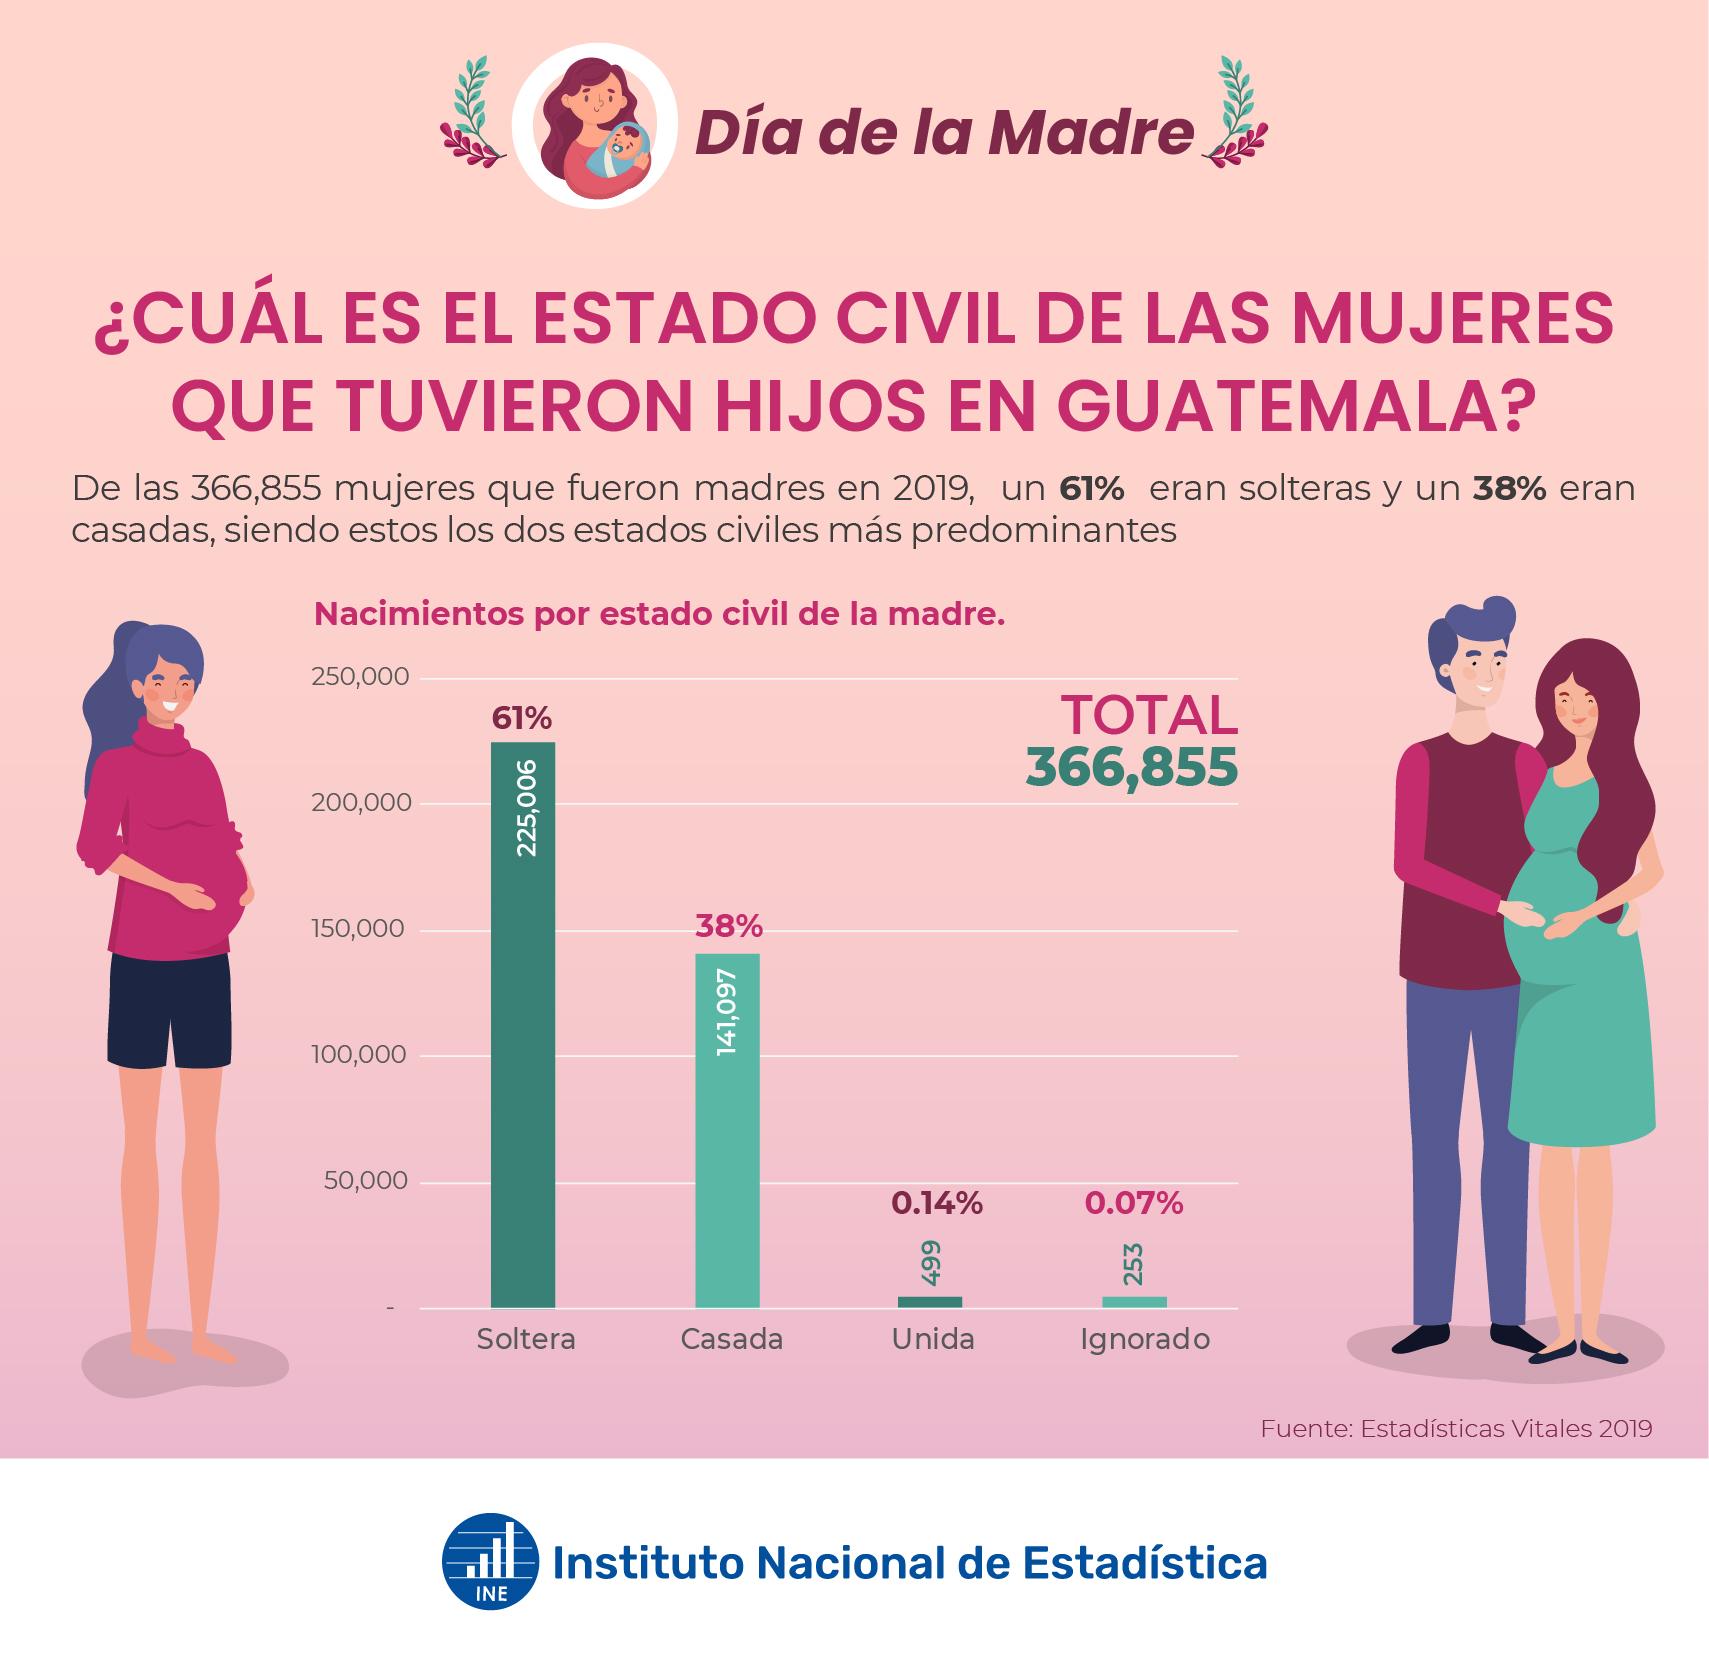 Nacimientos por estado civil de la madre